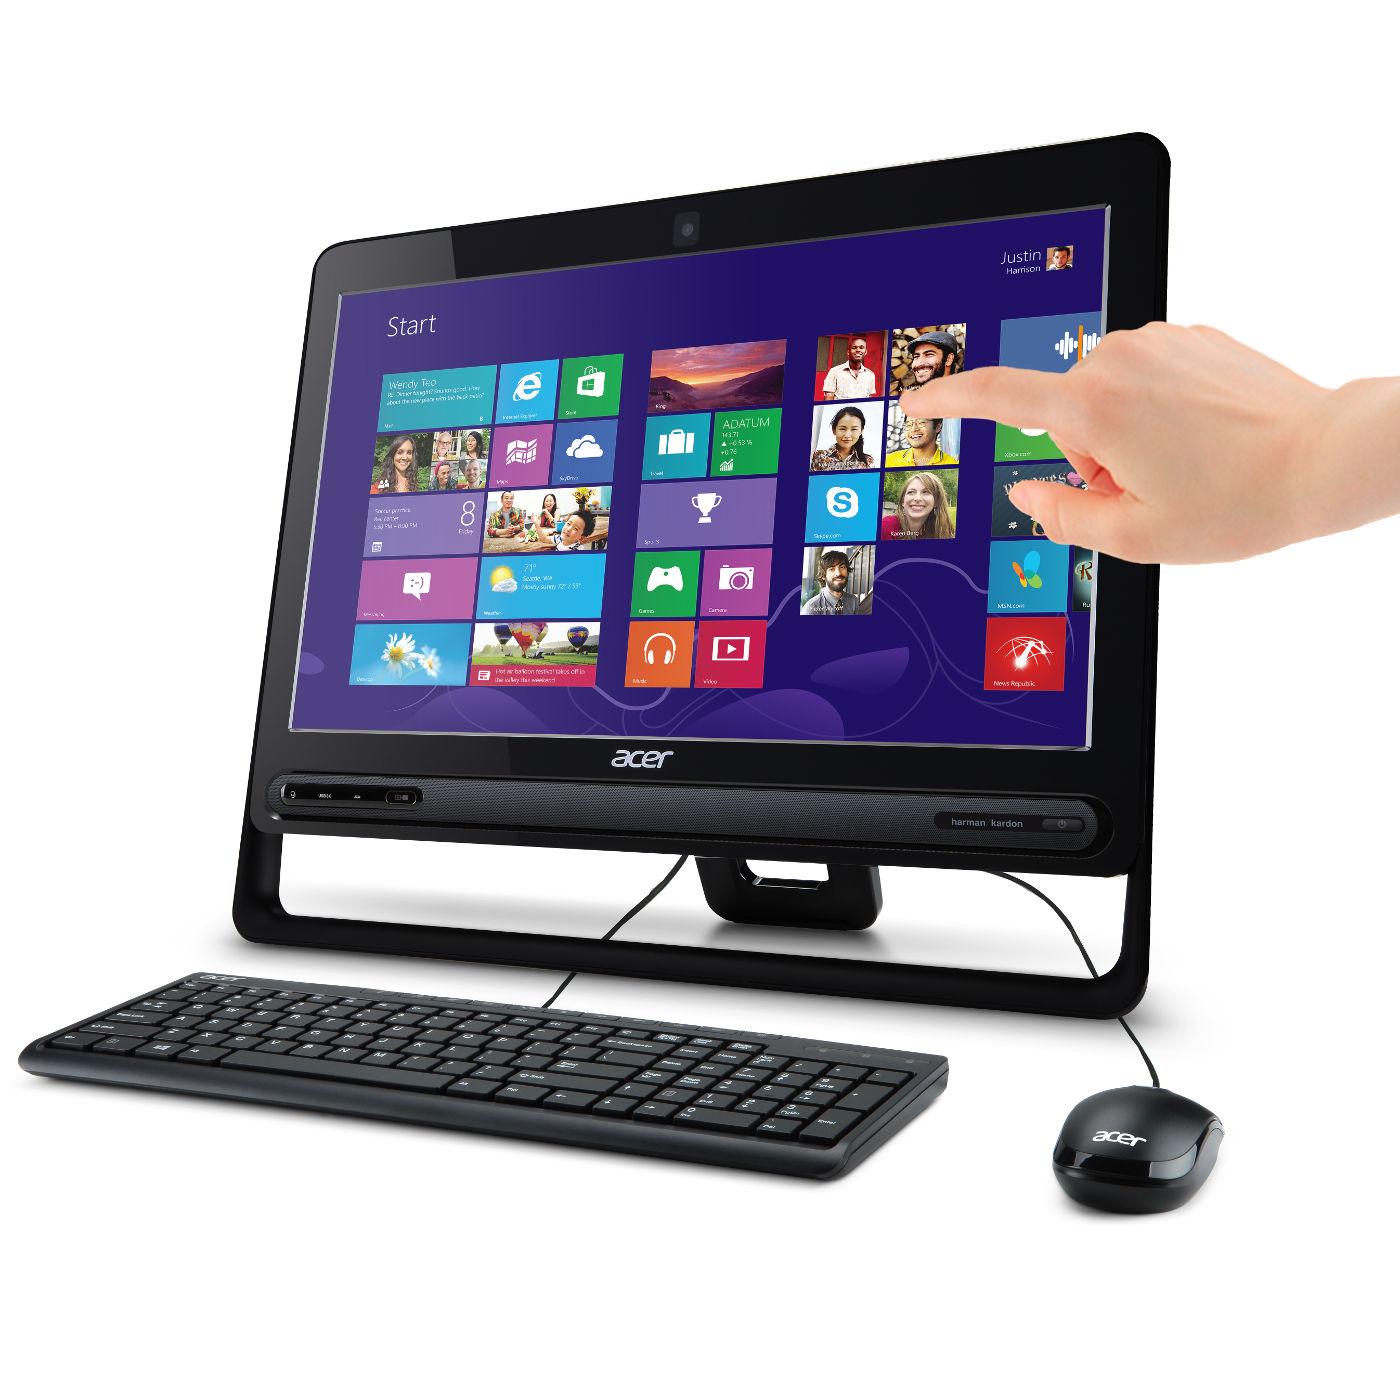 Acer aspire z3 105 dq pc de bureau acer sur - Ordinateur de bureau windows occasion ...